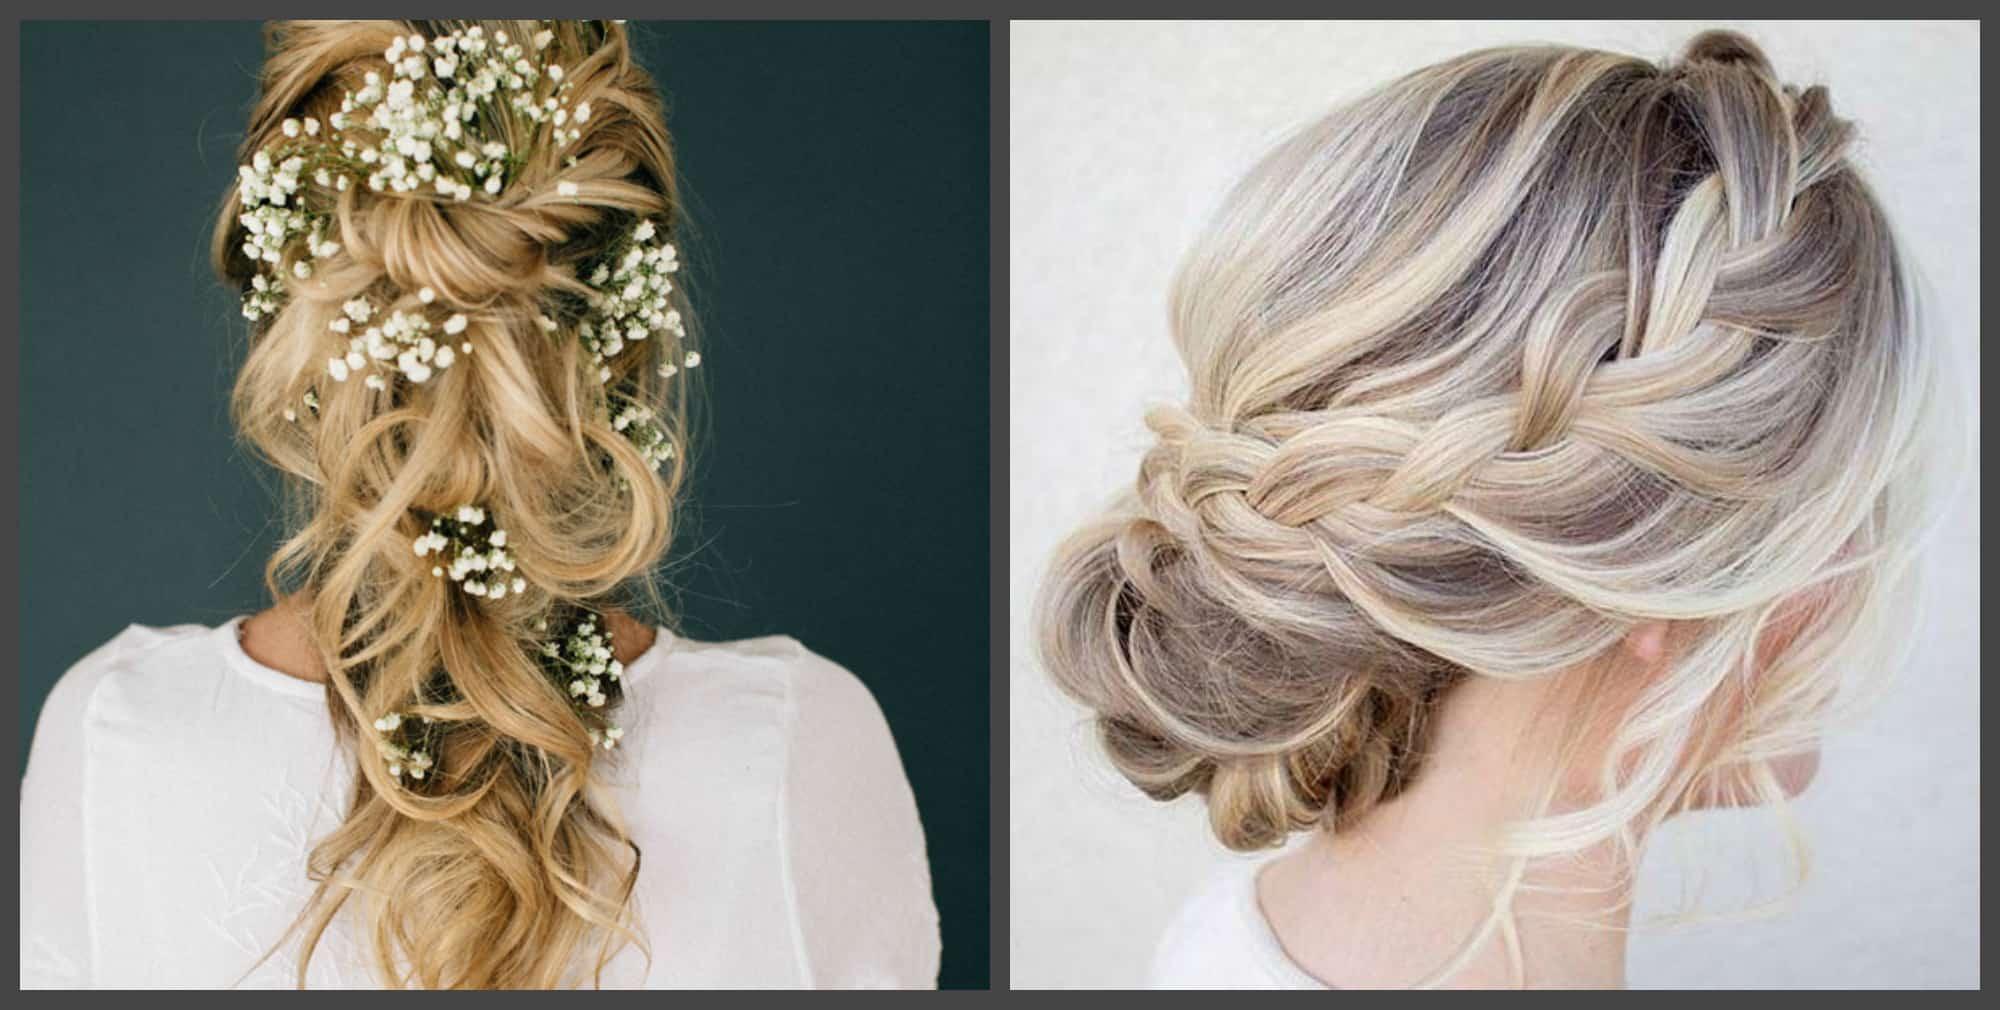 Peinados de boda 2018- nuevas tendencias